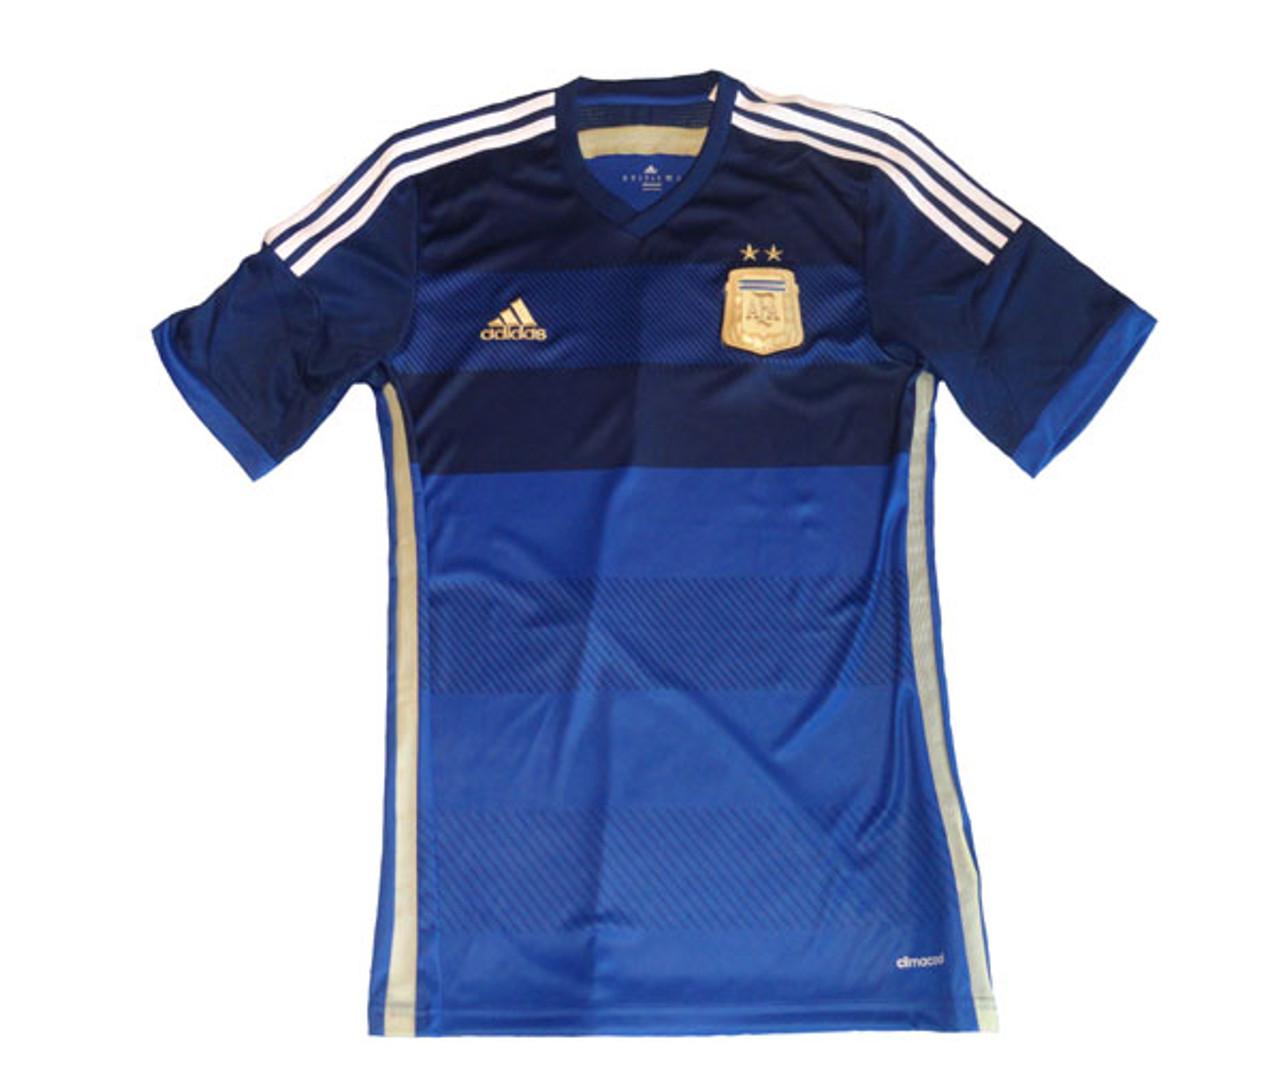 ADIDAS ARGENTINA 2014 AWAY JERSEY BLUE